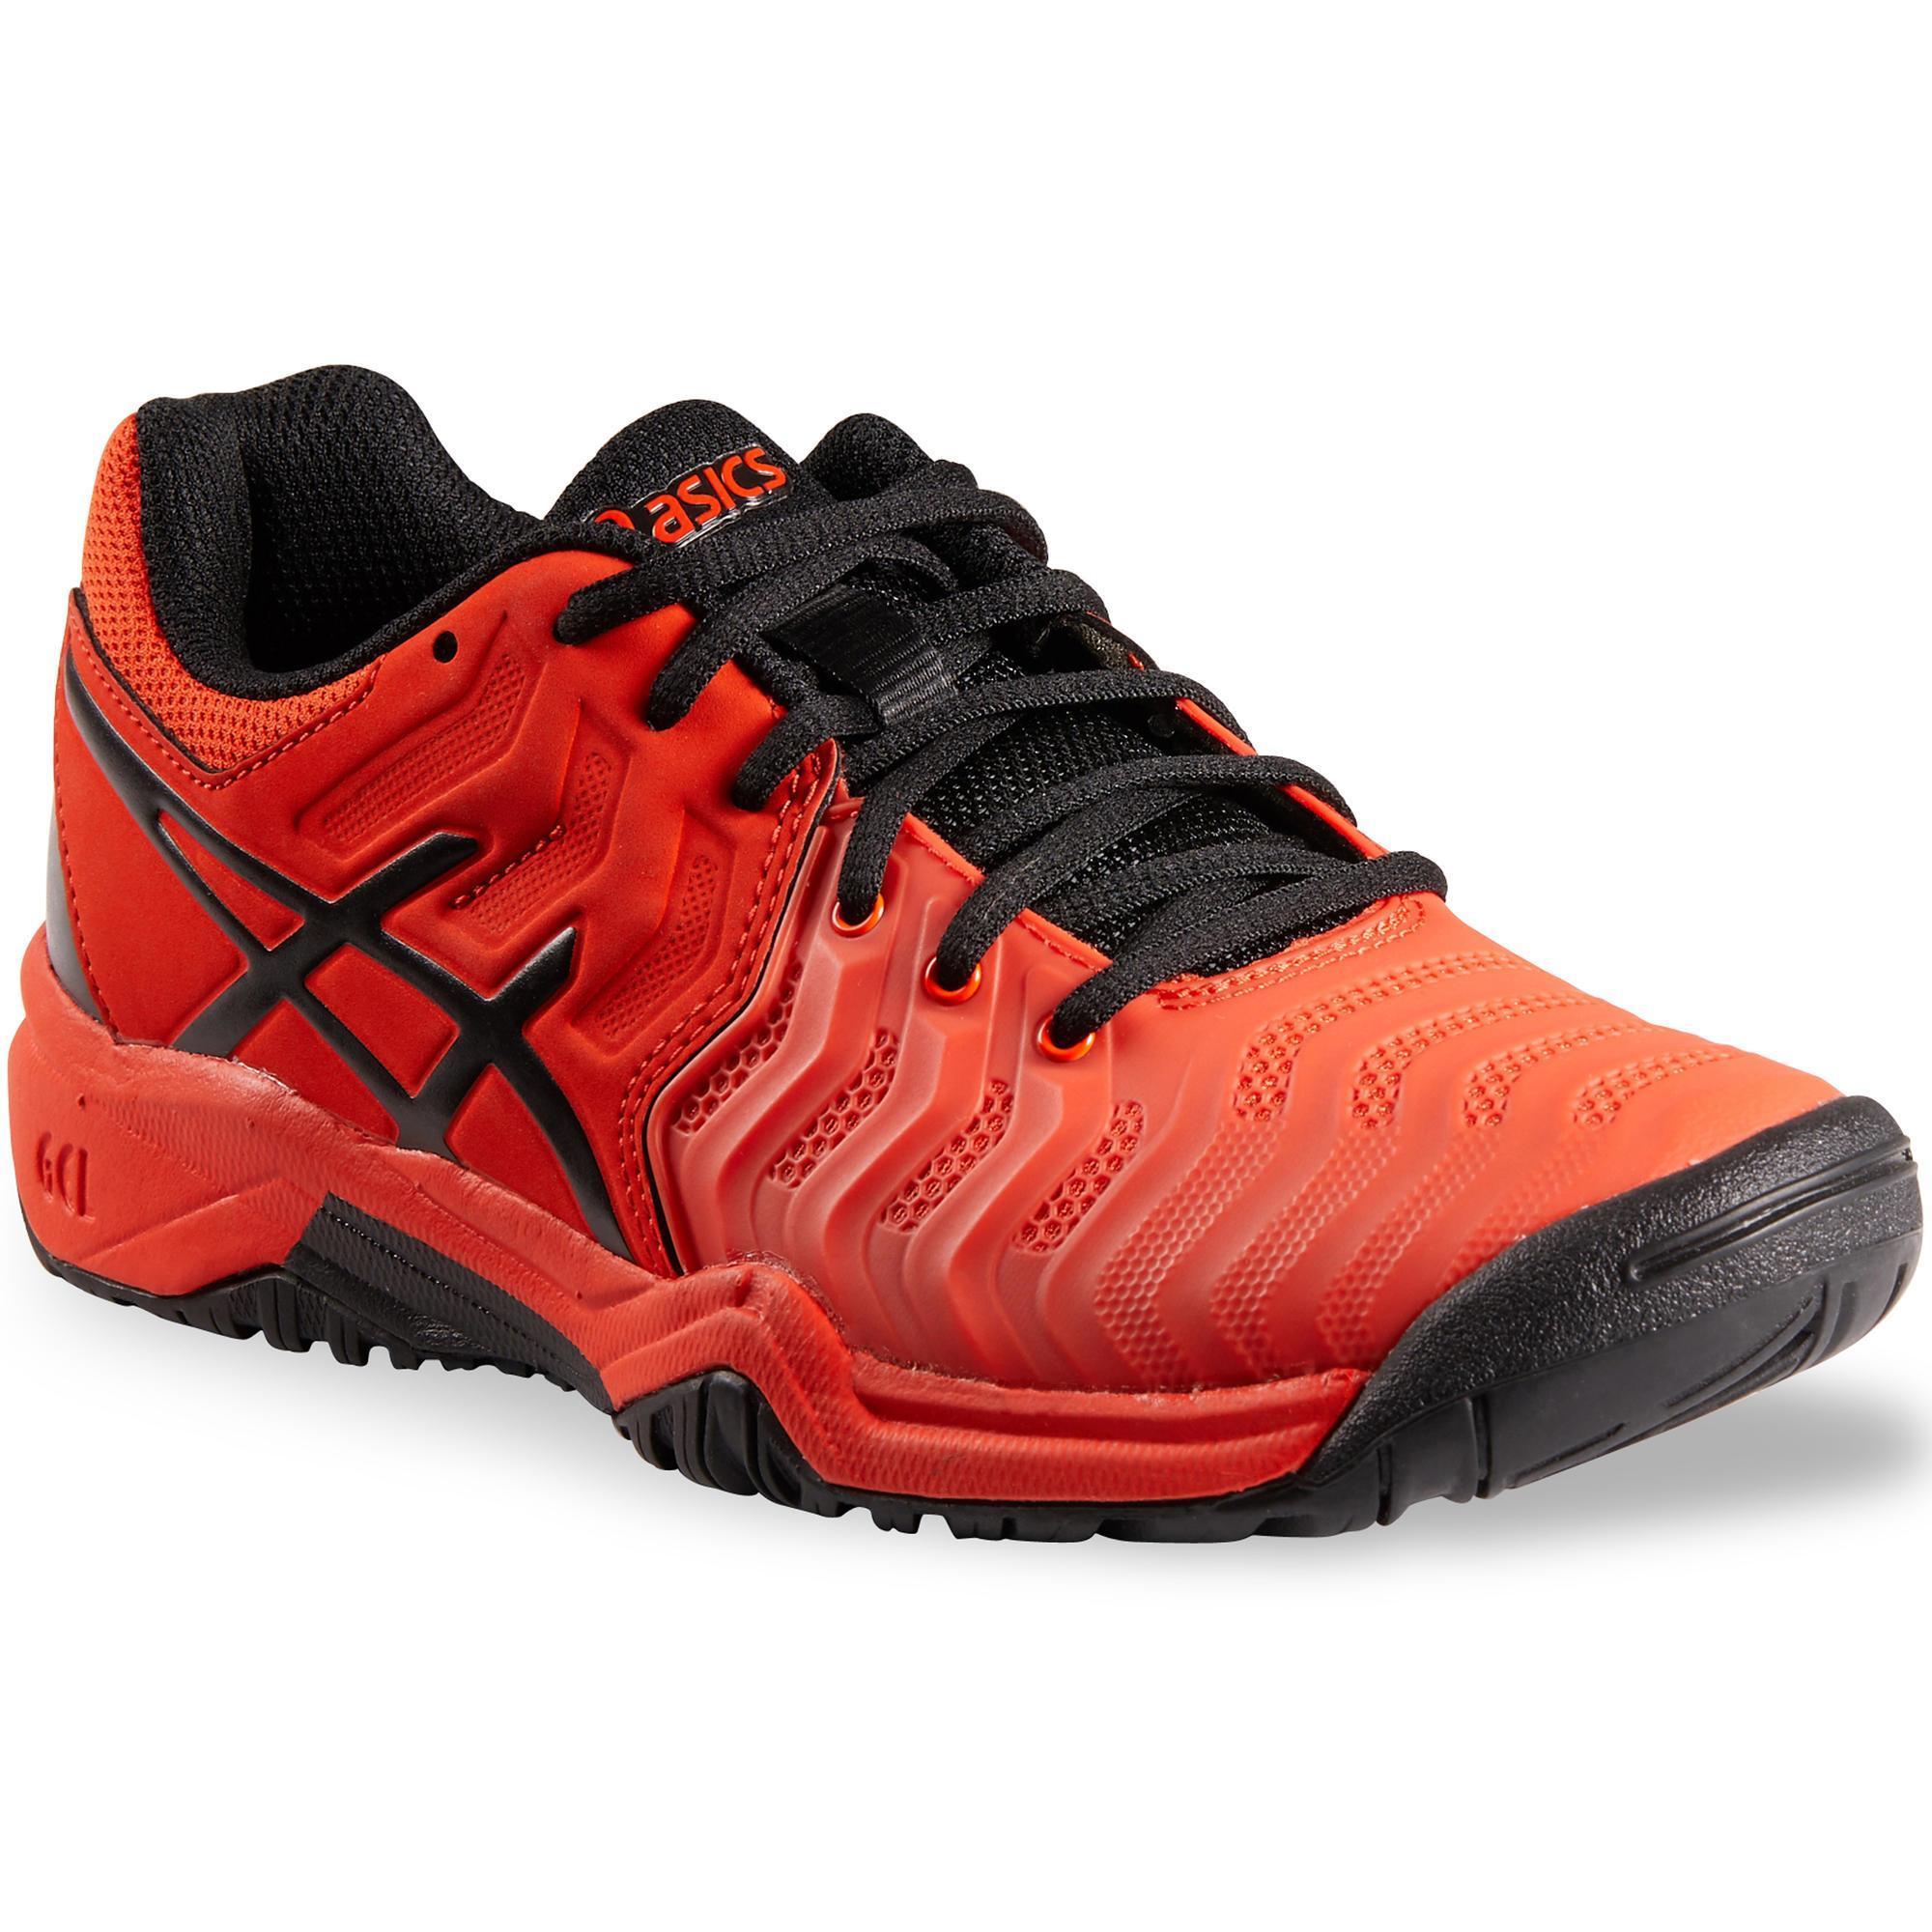 Asics Tennisschoenen voor kinderen Asics Gel Resolution